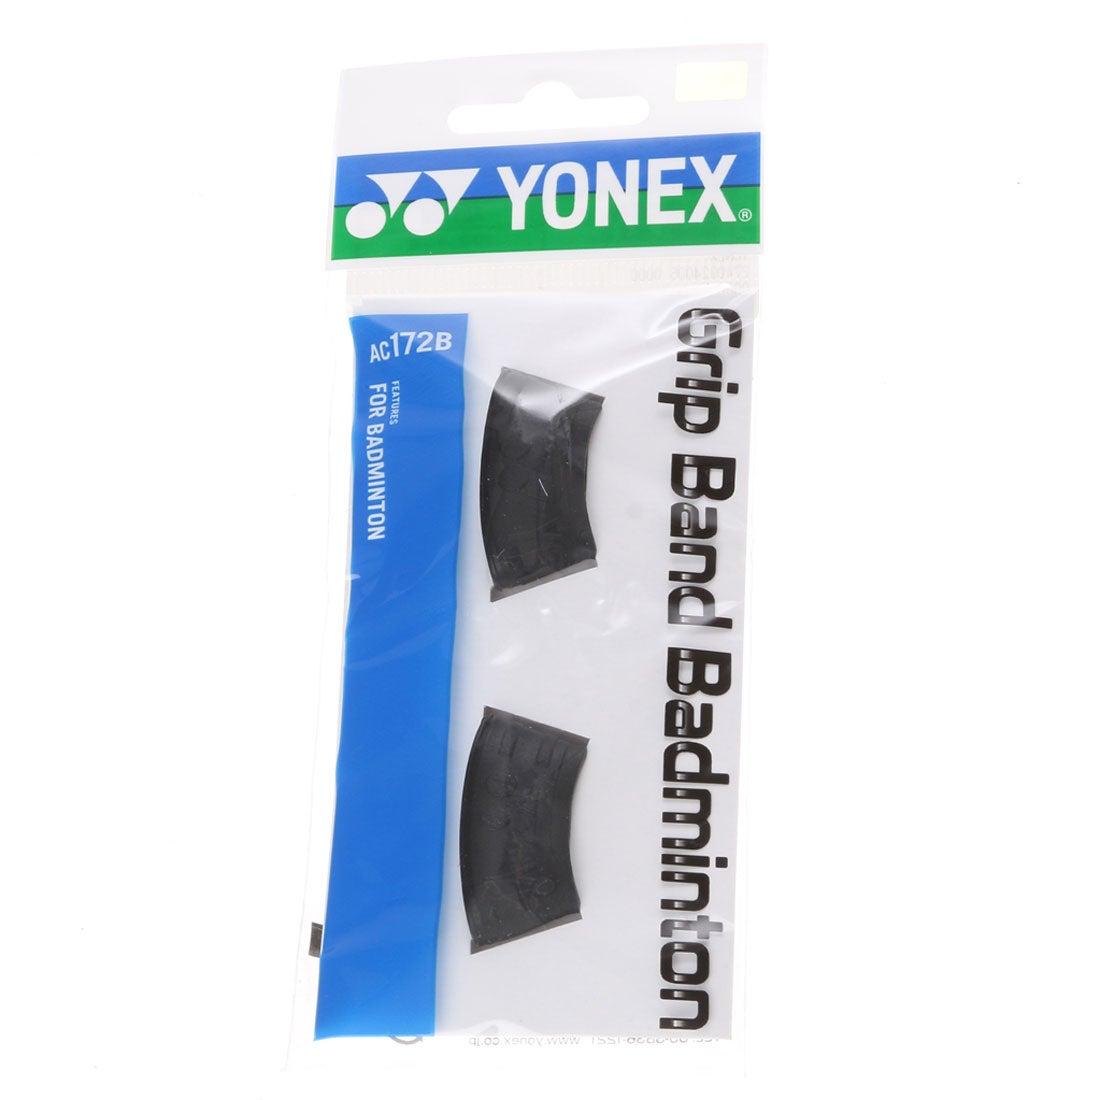 ロコンド 靴とファッションの通販サイトヨネックス YONEX バドミントンアクセサリー AC172B